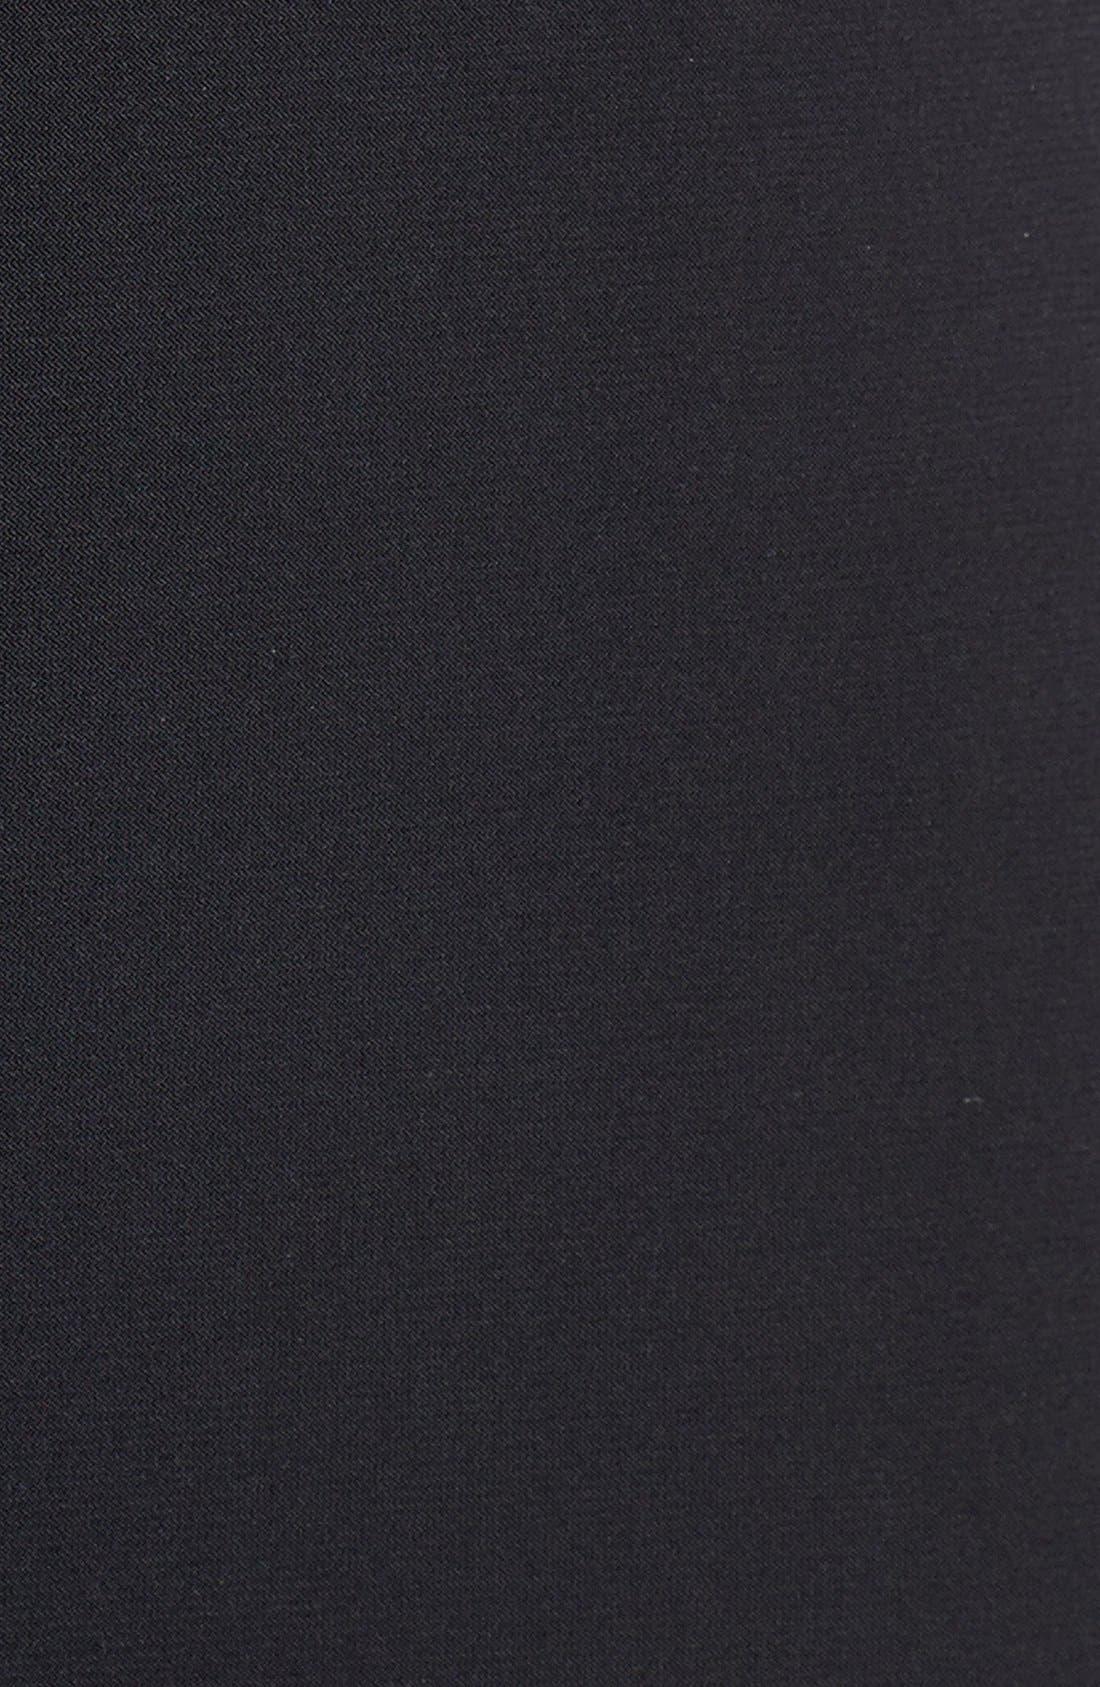 Wide Leg Jersey Jumpsuit,                             Alternate thumbnail 3, color,                             001